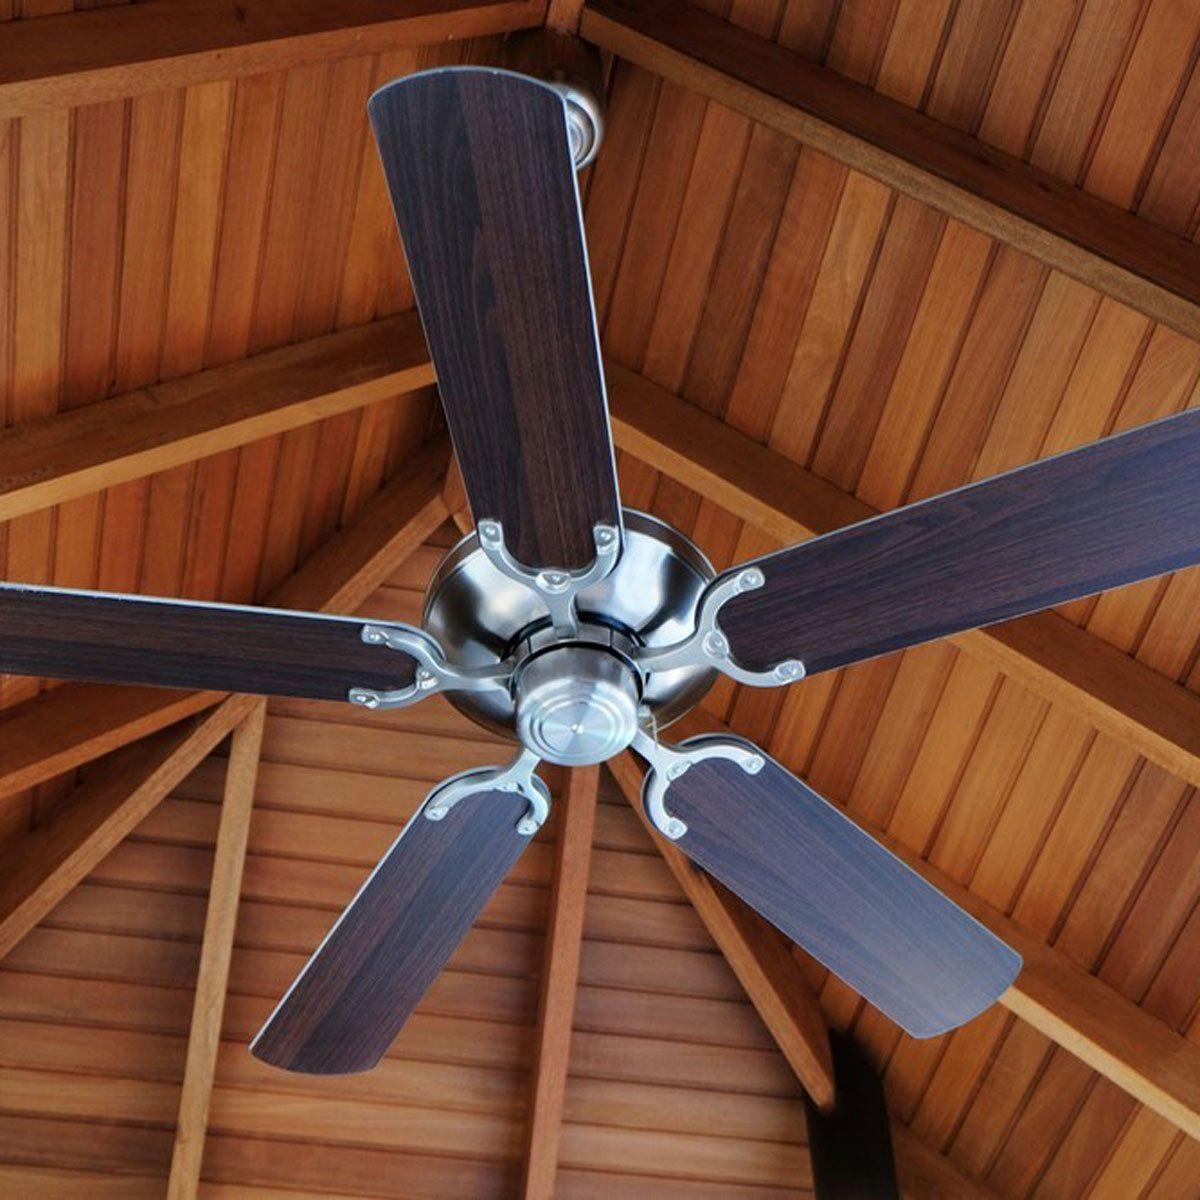 Fix a Wobbly Ceiling Fan